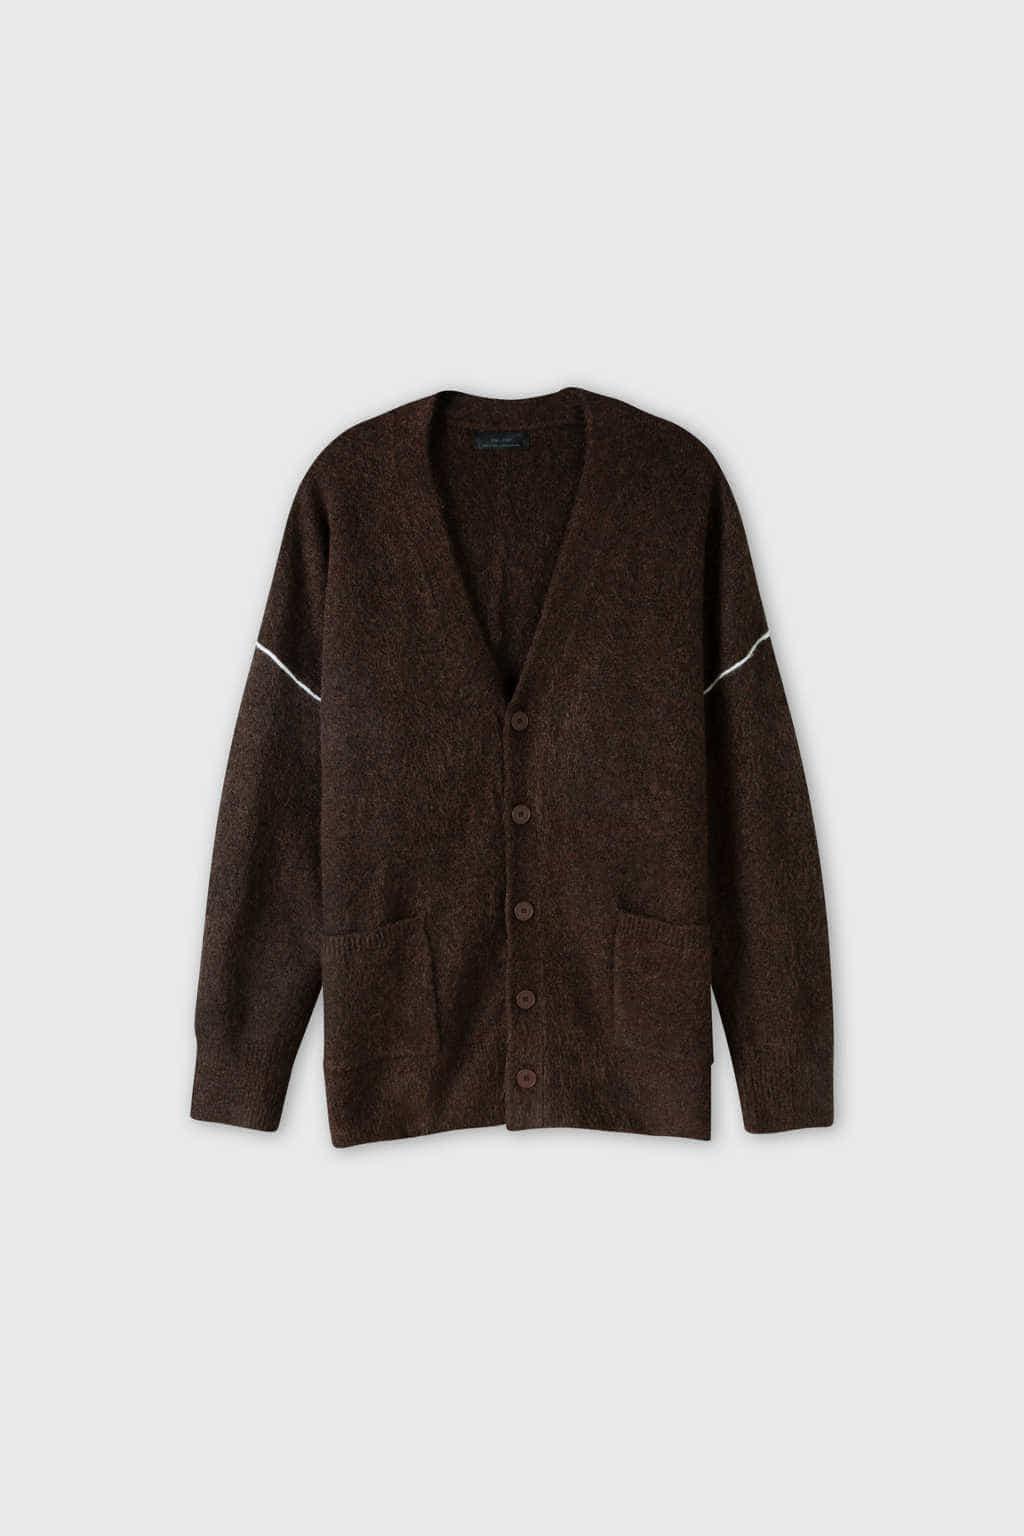 Cardigan 2662 Brown 6